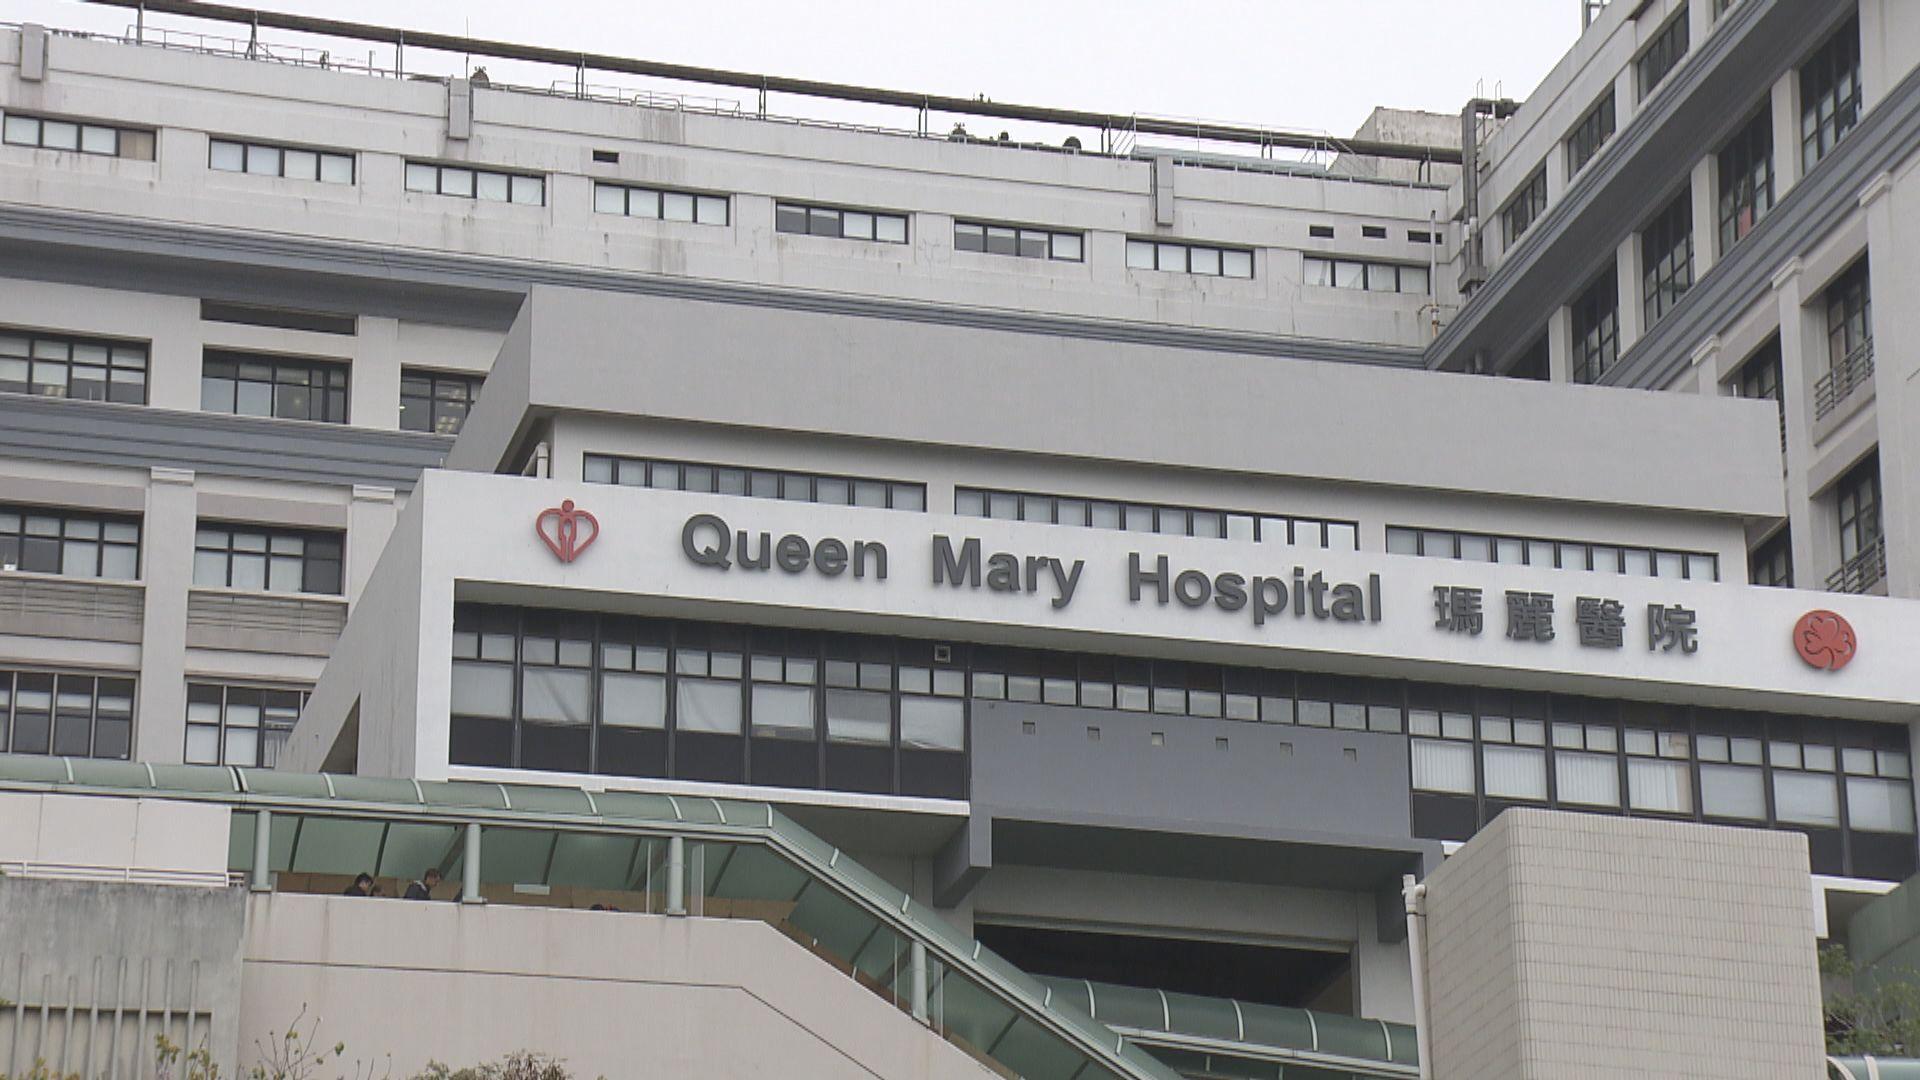 瑪麗醫院隔離病房負氣壓系統曾發出警報 院方評估後指感染風險不高